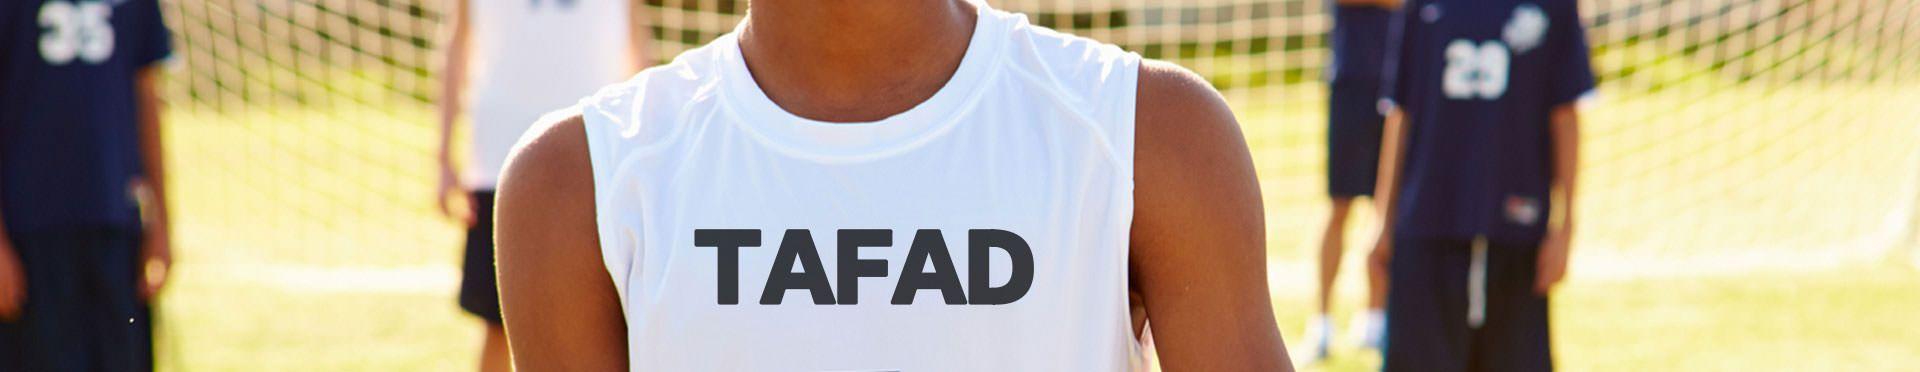 El Tafad Es Un Ciclo Formativo De Grado Superior Que Permite